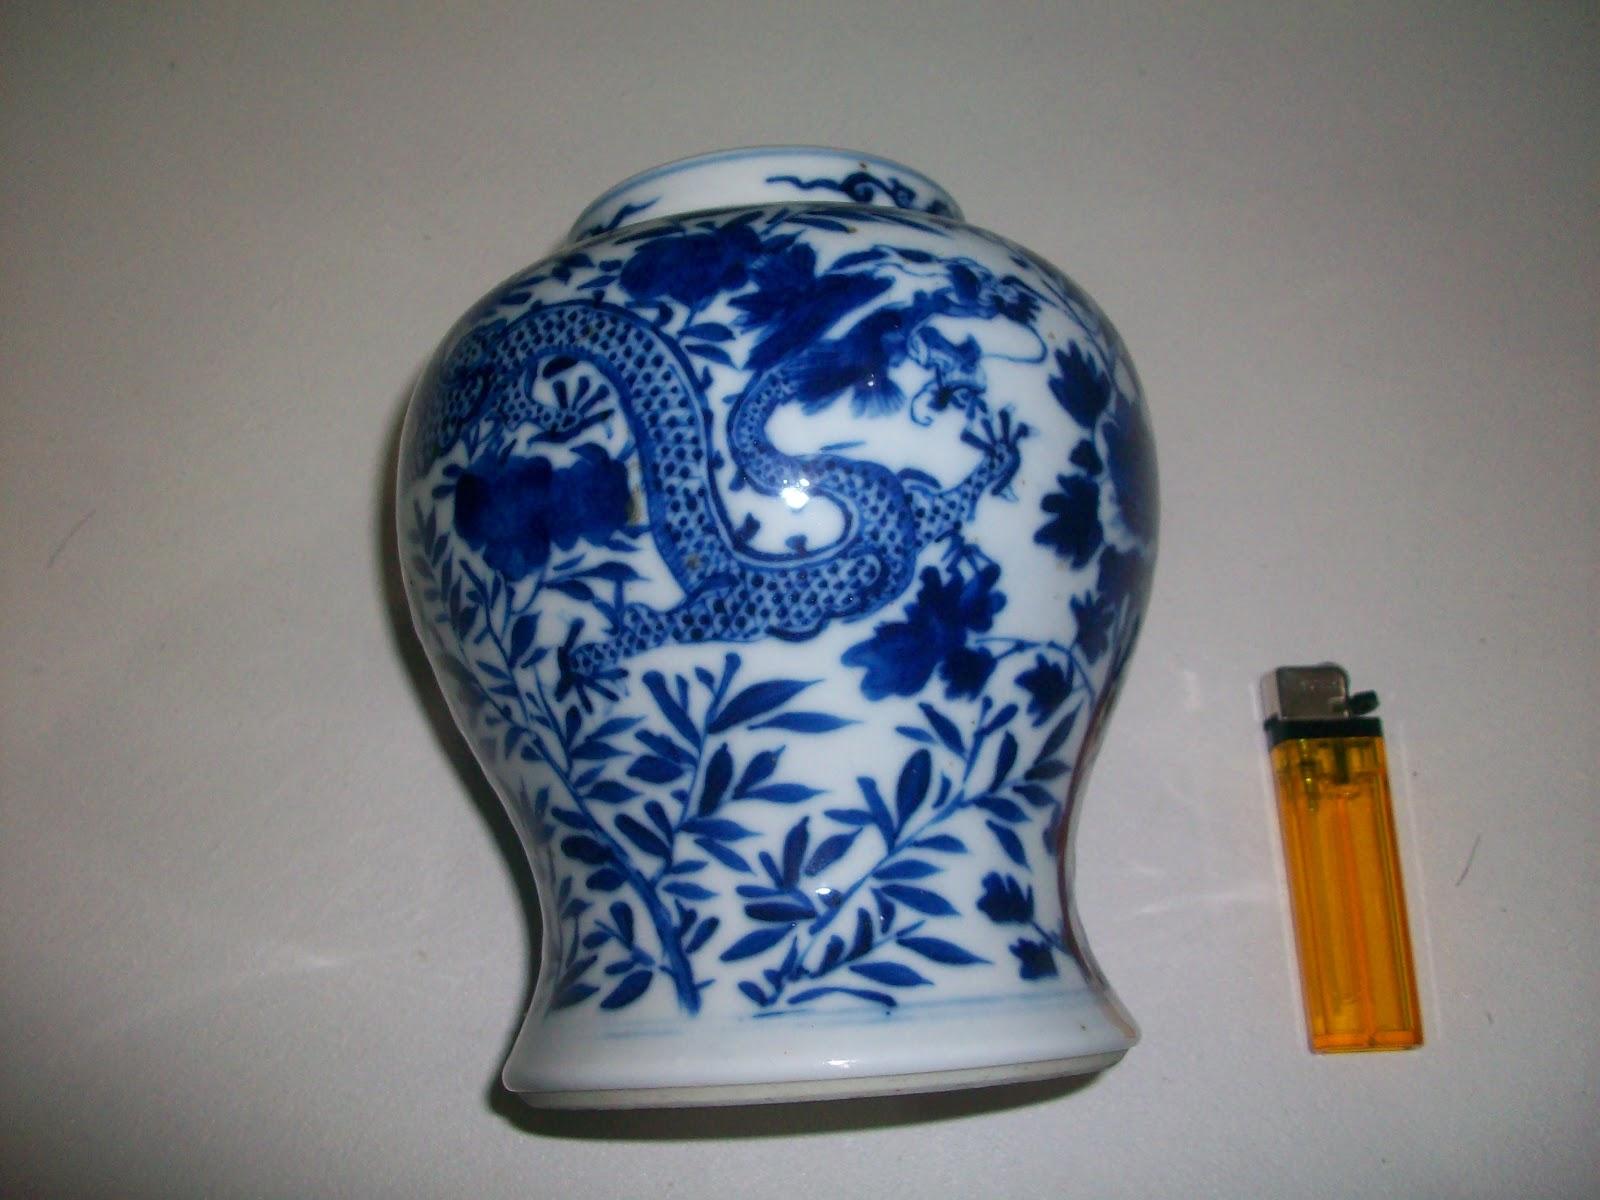 jual kristal sabun keramik antik guci biru putih naga